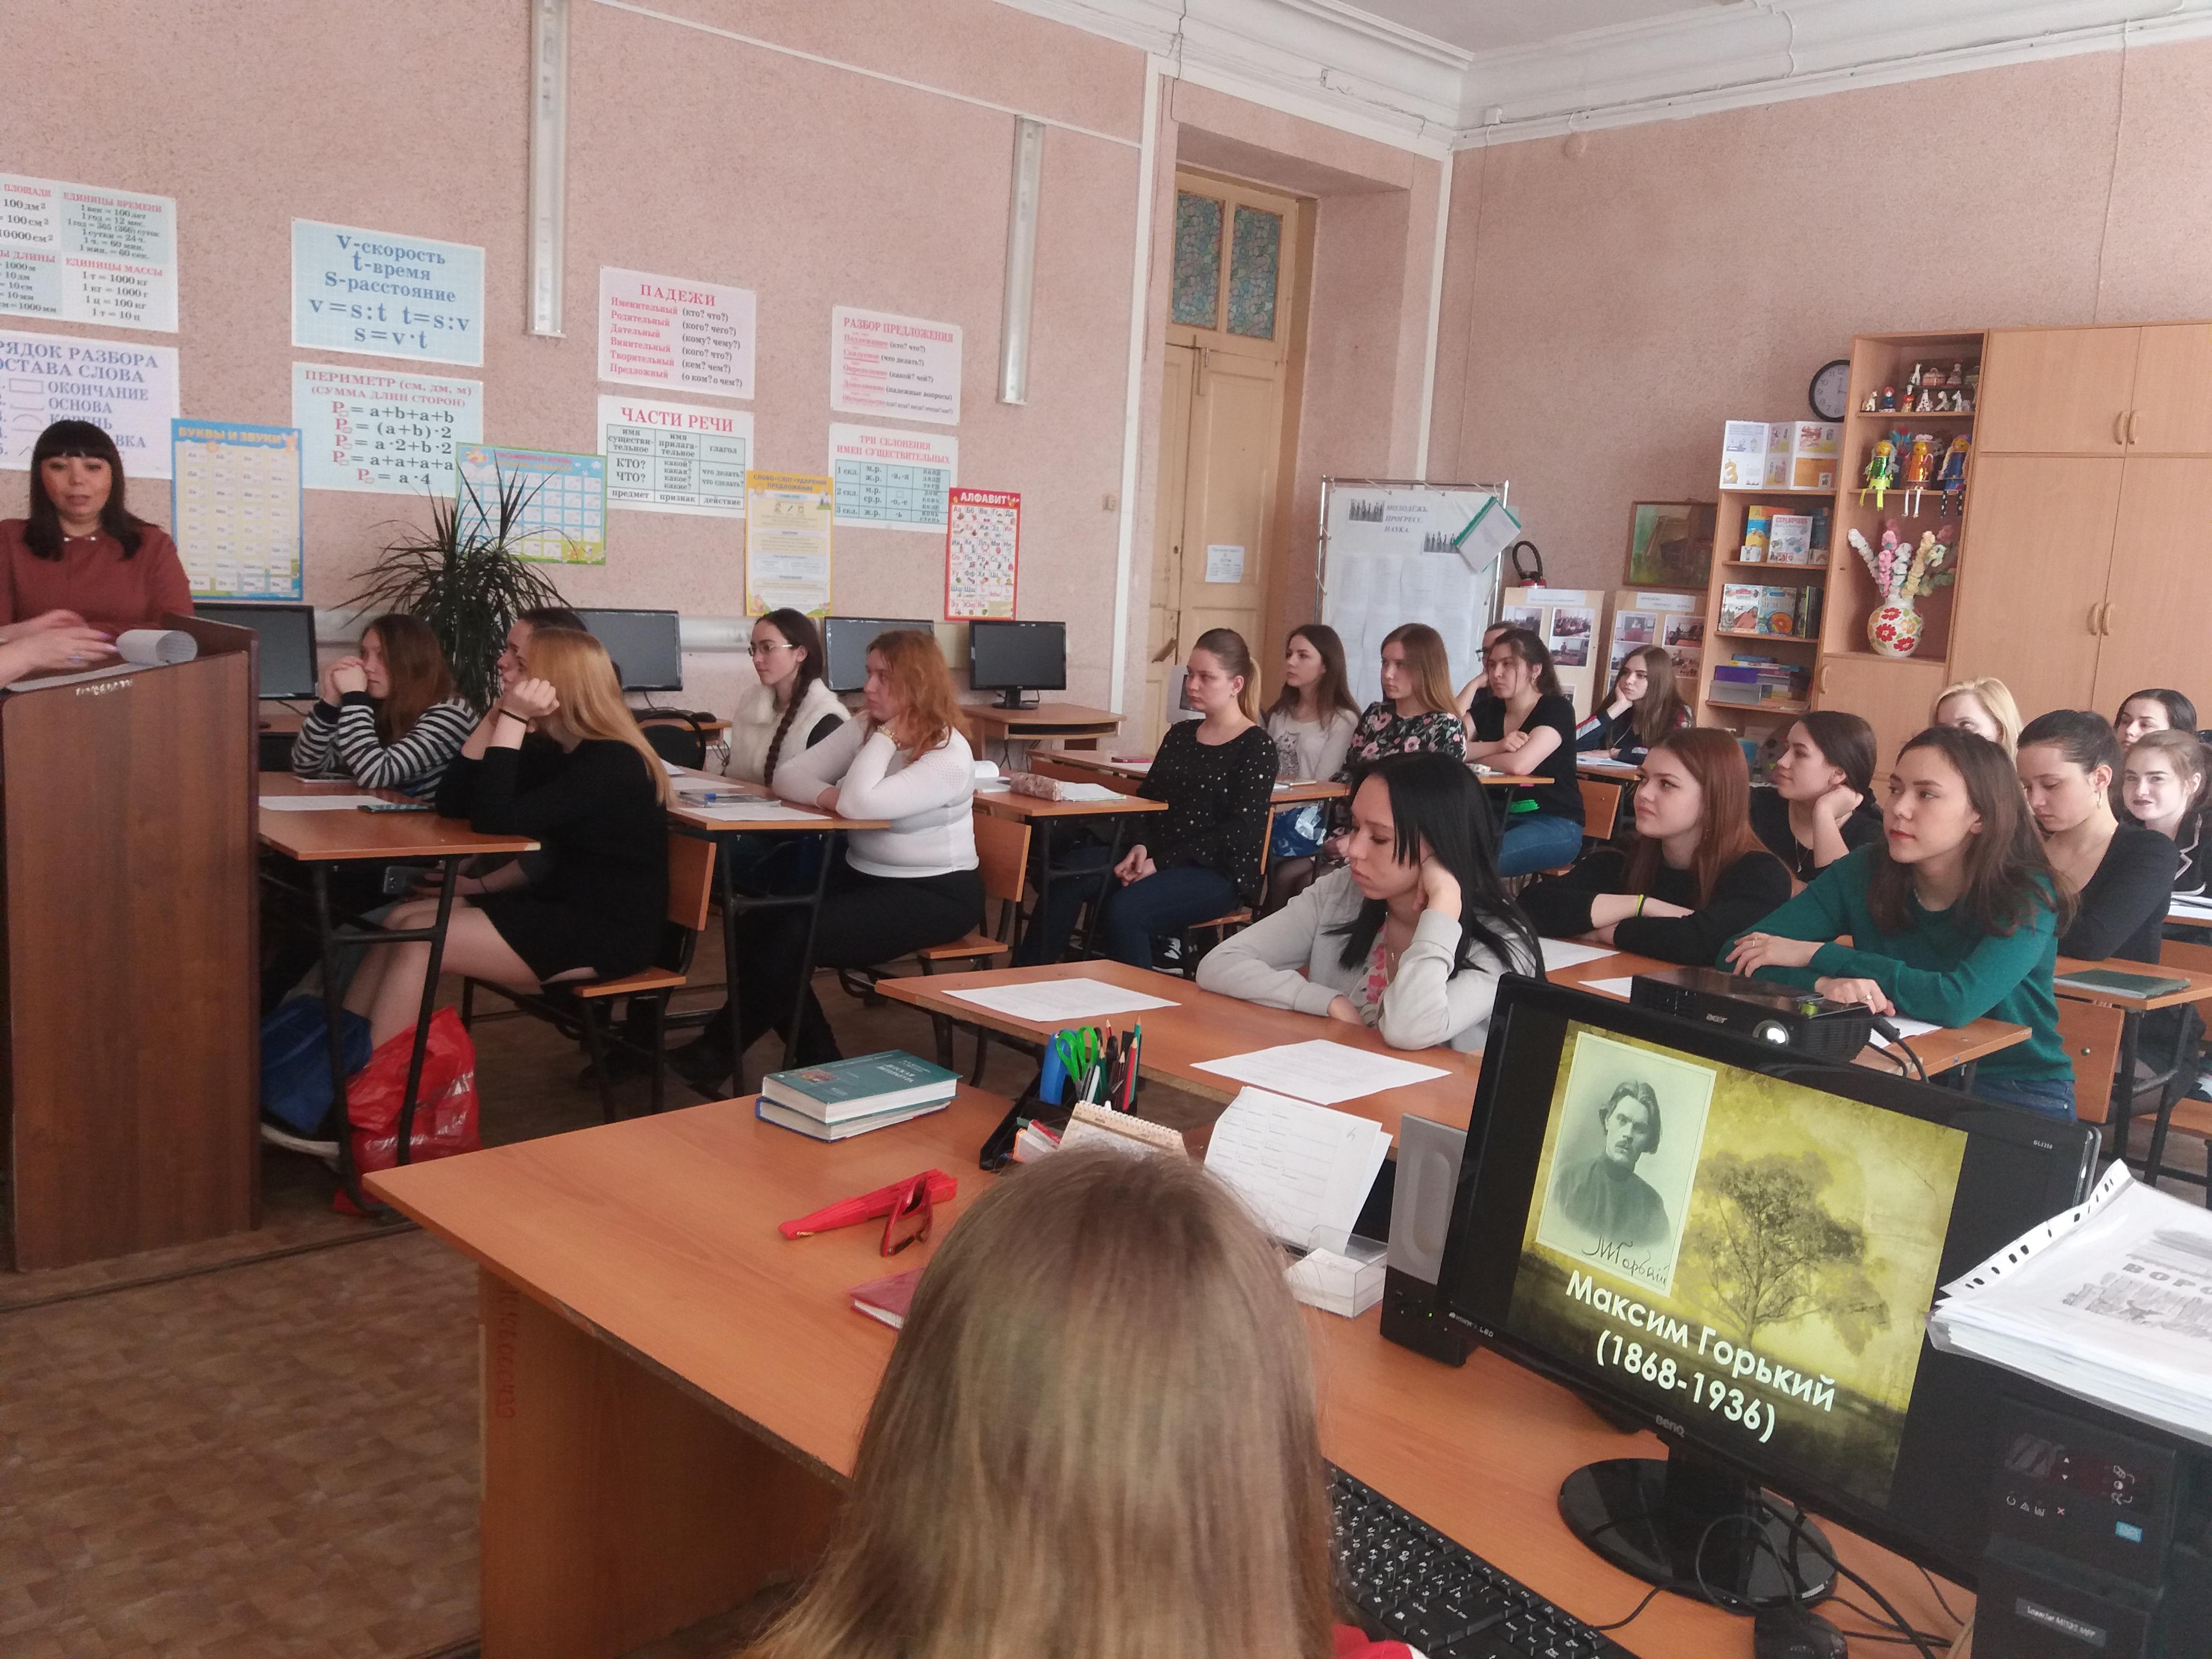 Круглый стол, посвященный 150-летию со дня рождения М. Горького